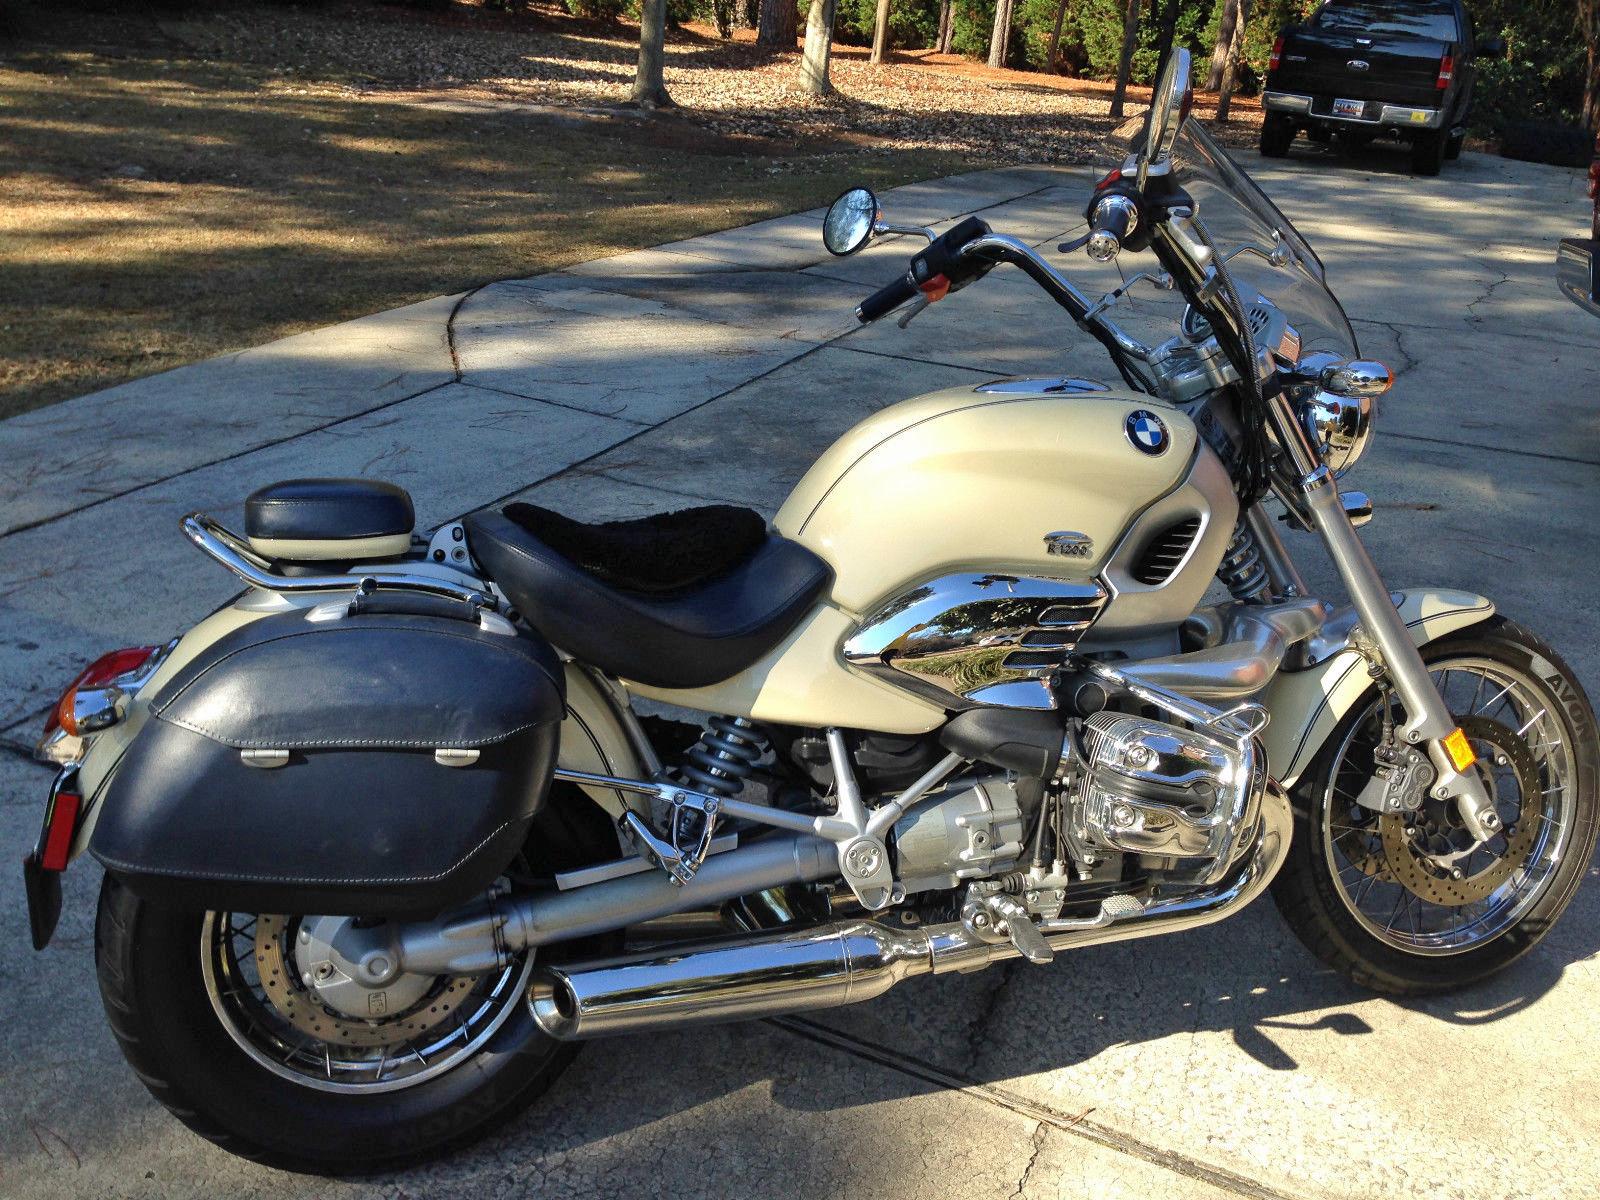 beemer cruiser 2000 bmw r1200c for sale bike urious. Black Bedroom Furniture Sets. Home Design Ideas